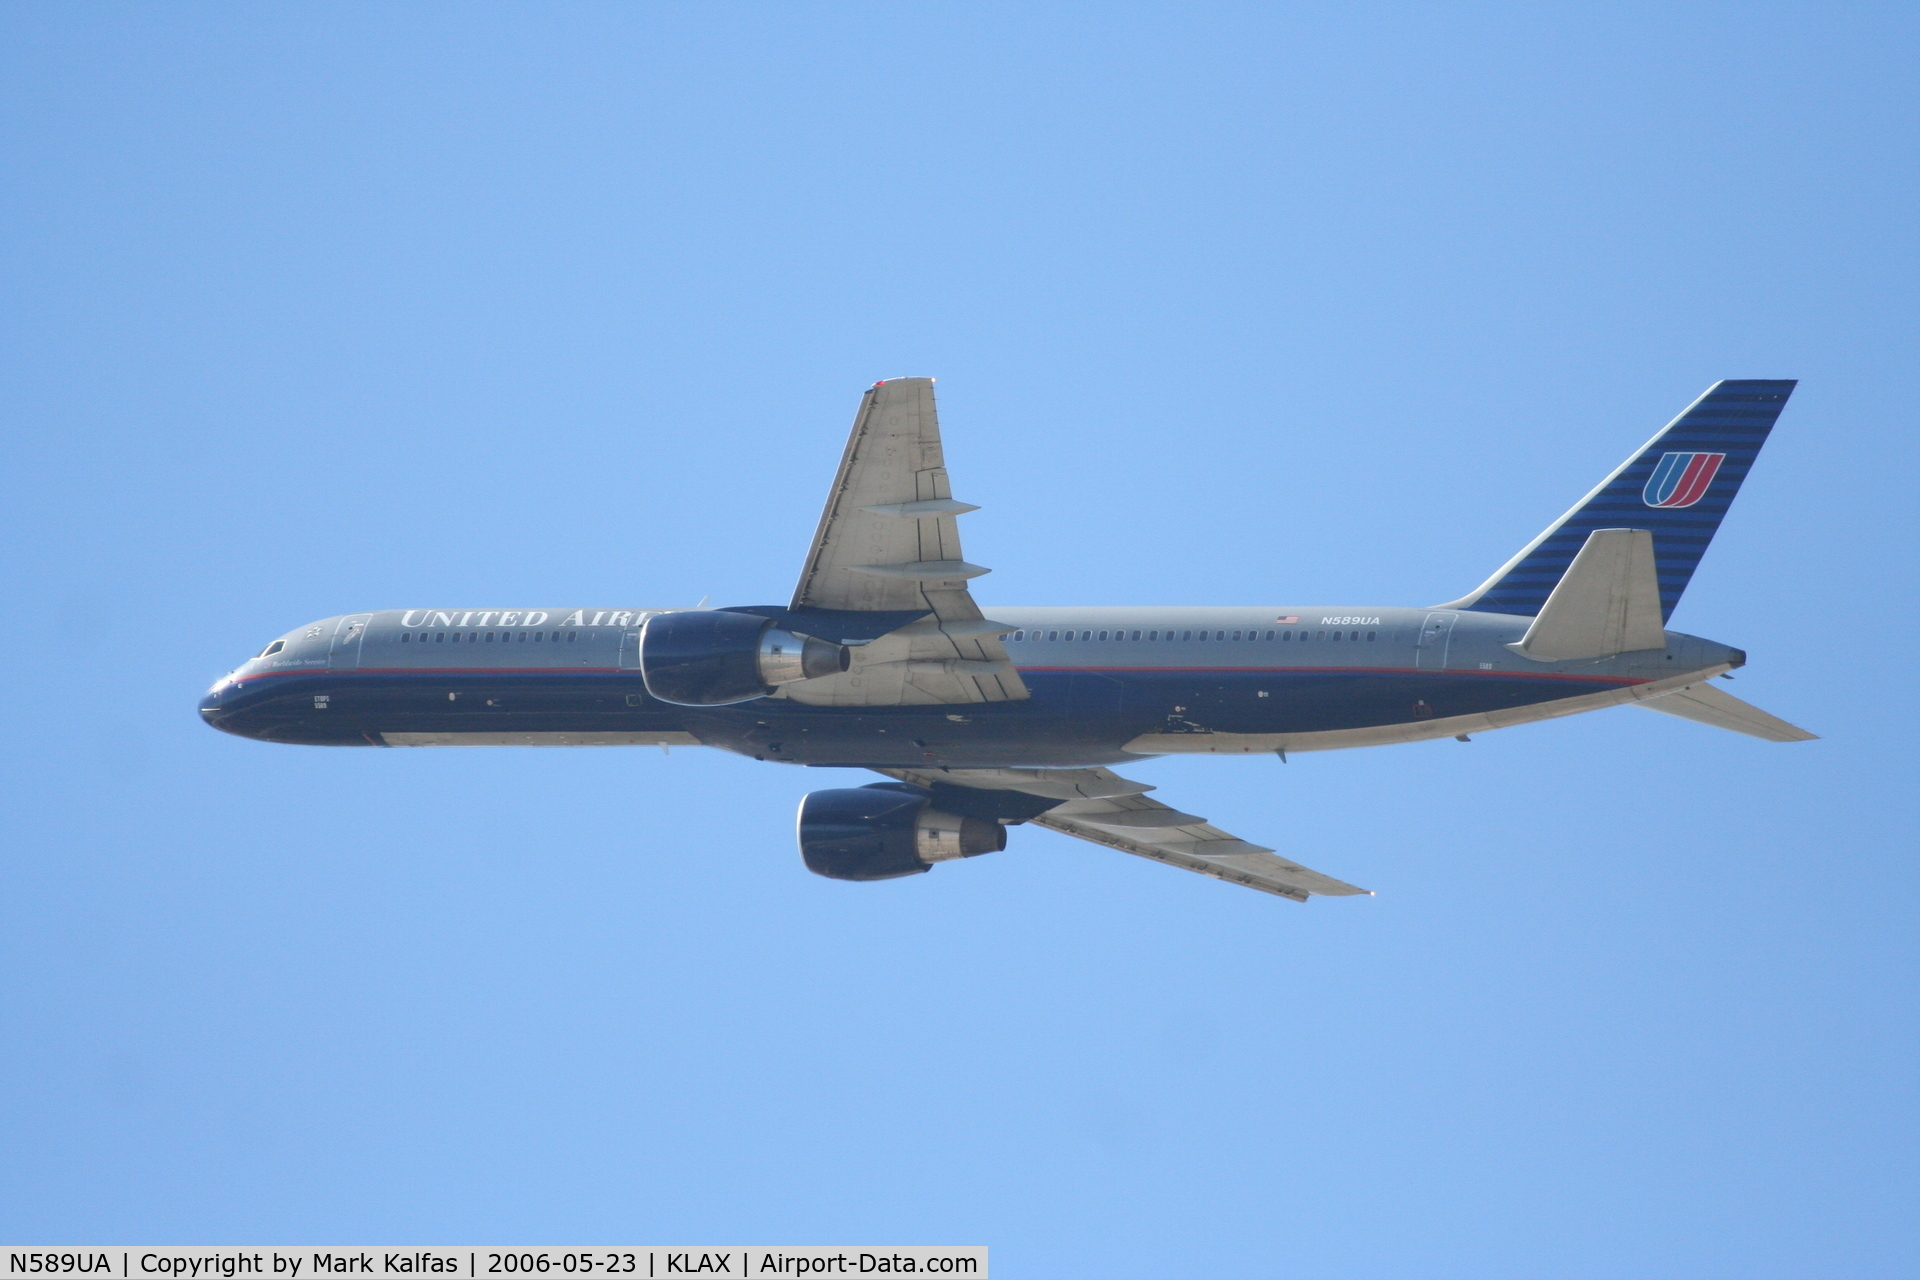 N589UA, 1997 Boeing 757-222 C/N 28707, United Airlines Boeing 757-222, N589UA departs KLAX RWY 25R